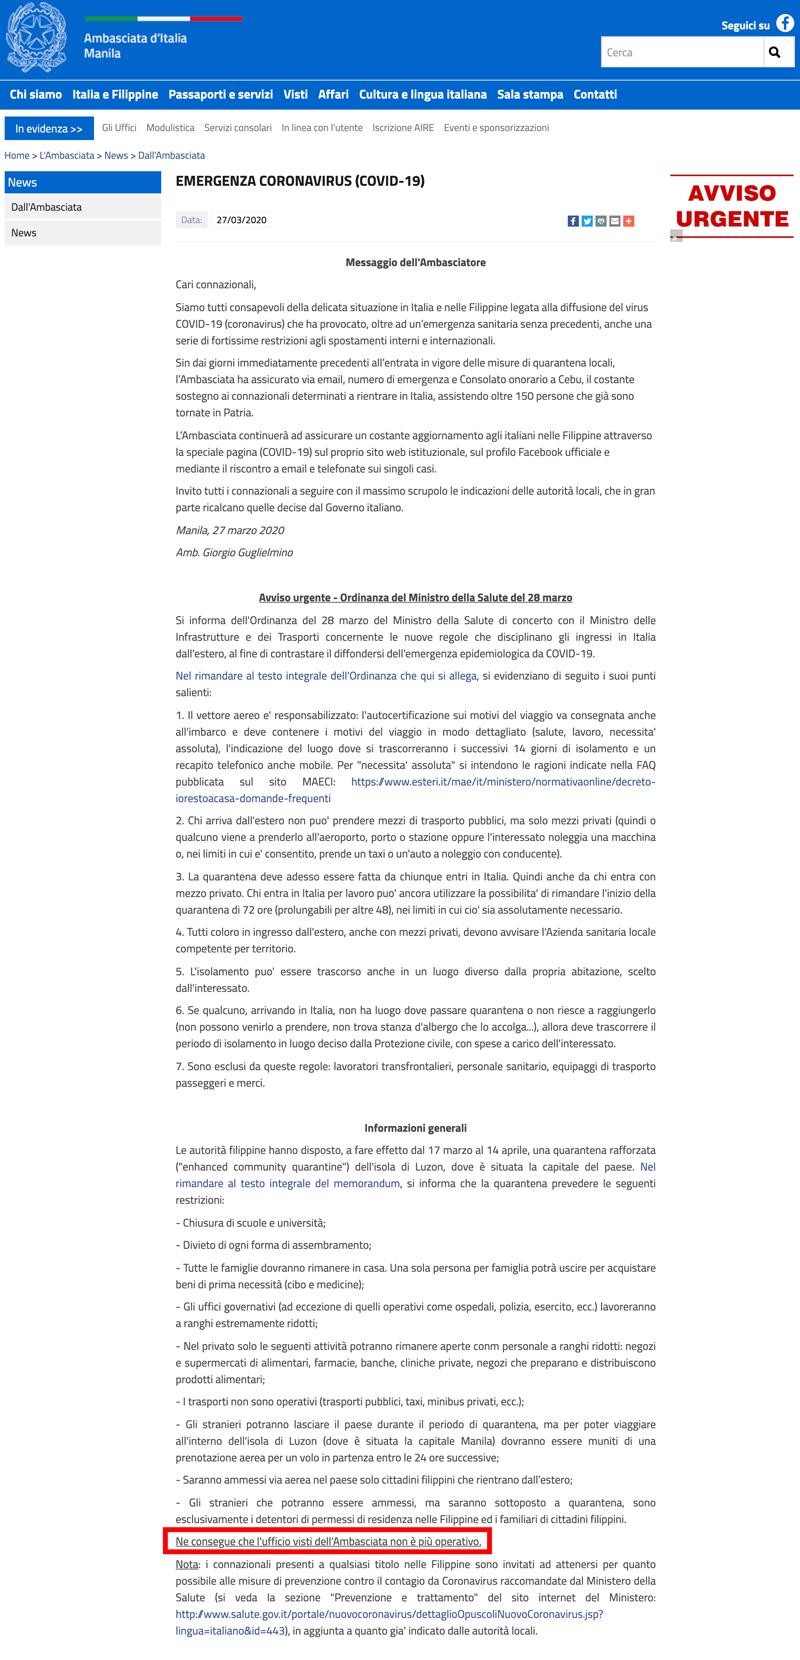 polizze-per-stranieri-covid19-sospeso-il-servizio-visti-allambasciata-ditalia-a-manila-filippine